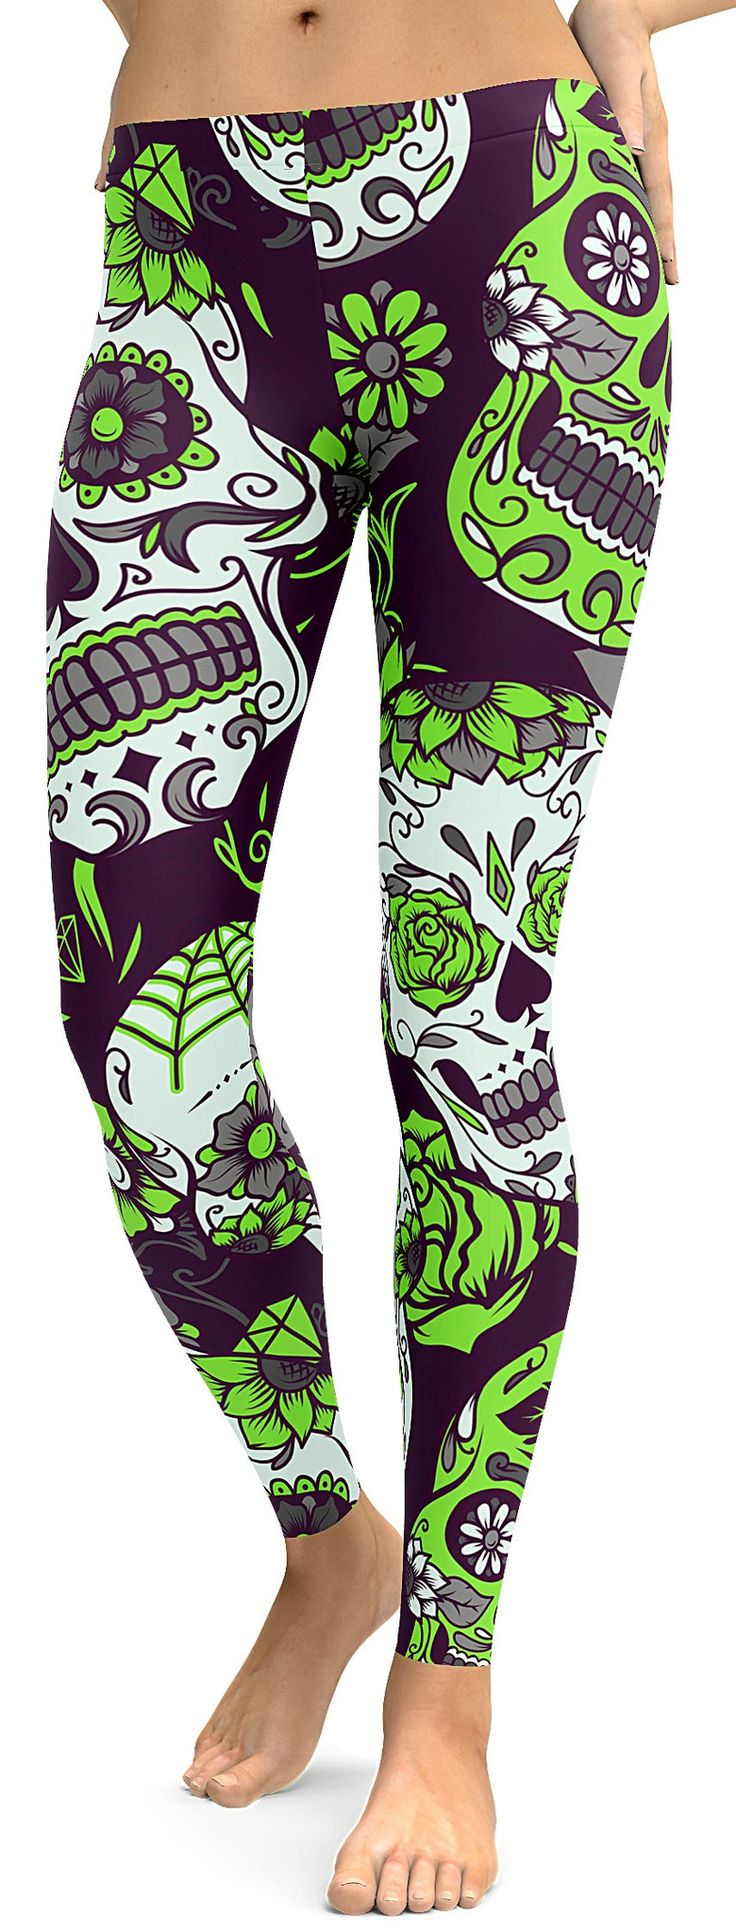 Lime Green Sugar Skull Leggings - GearBunch Leggings / Yoga Pants